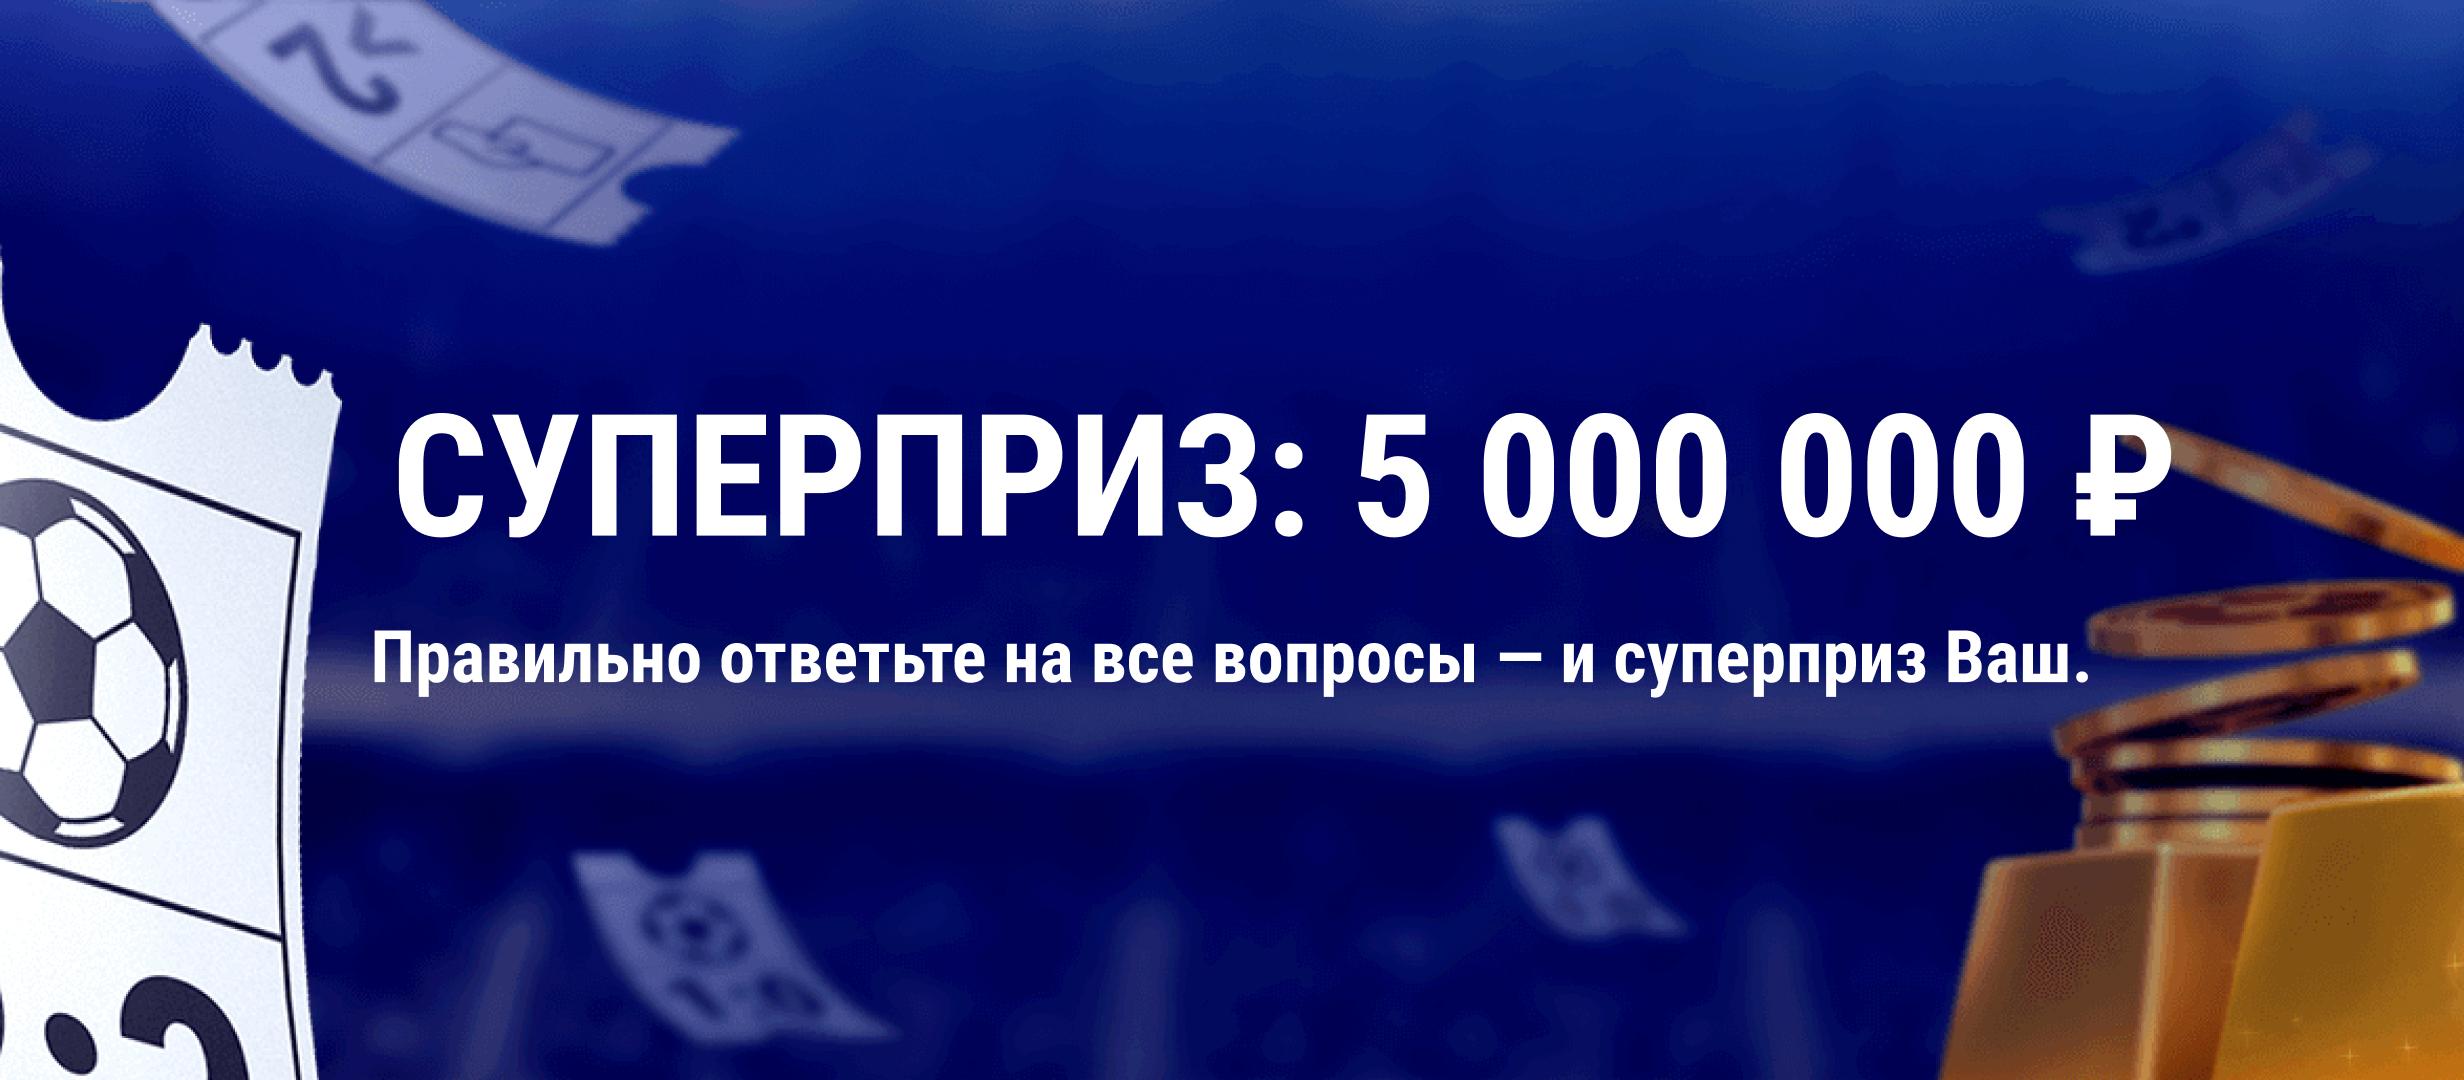 Бонус от Марафон 5000000 ₽.